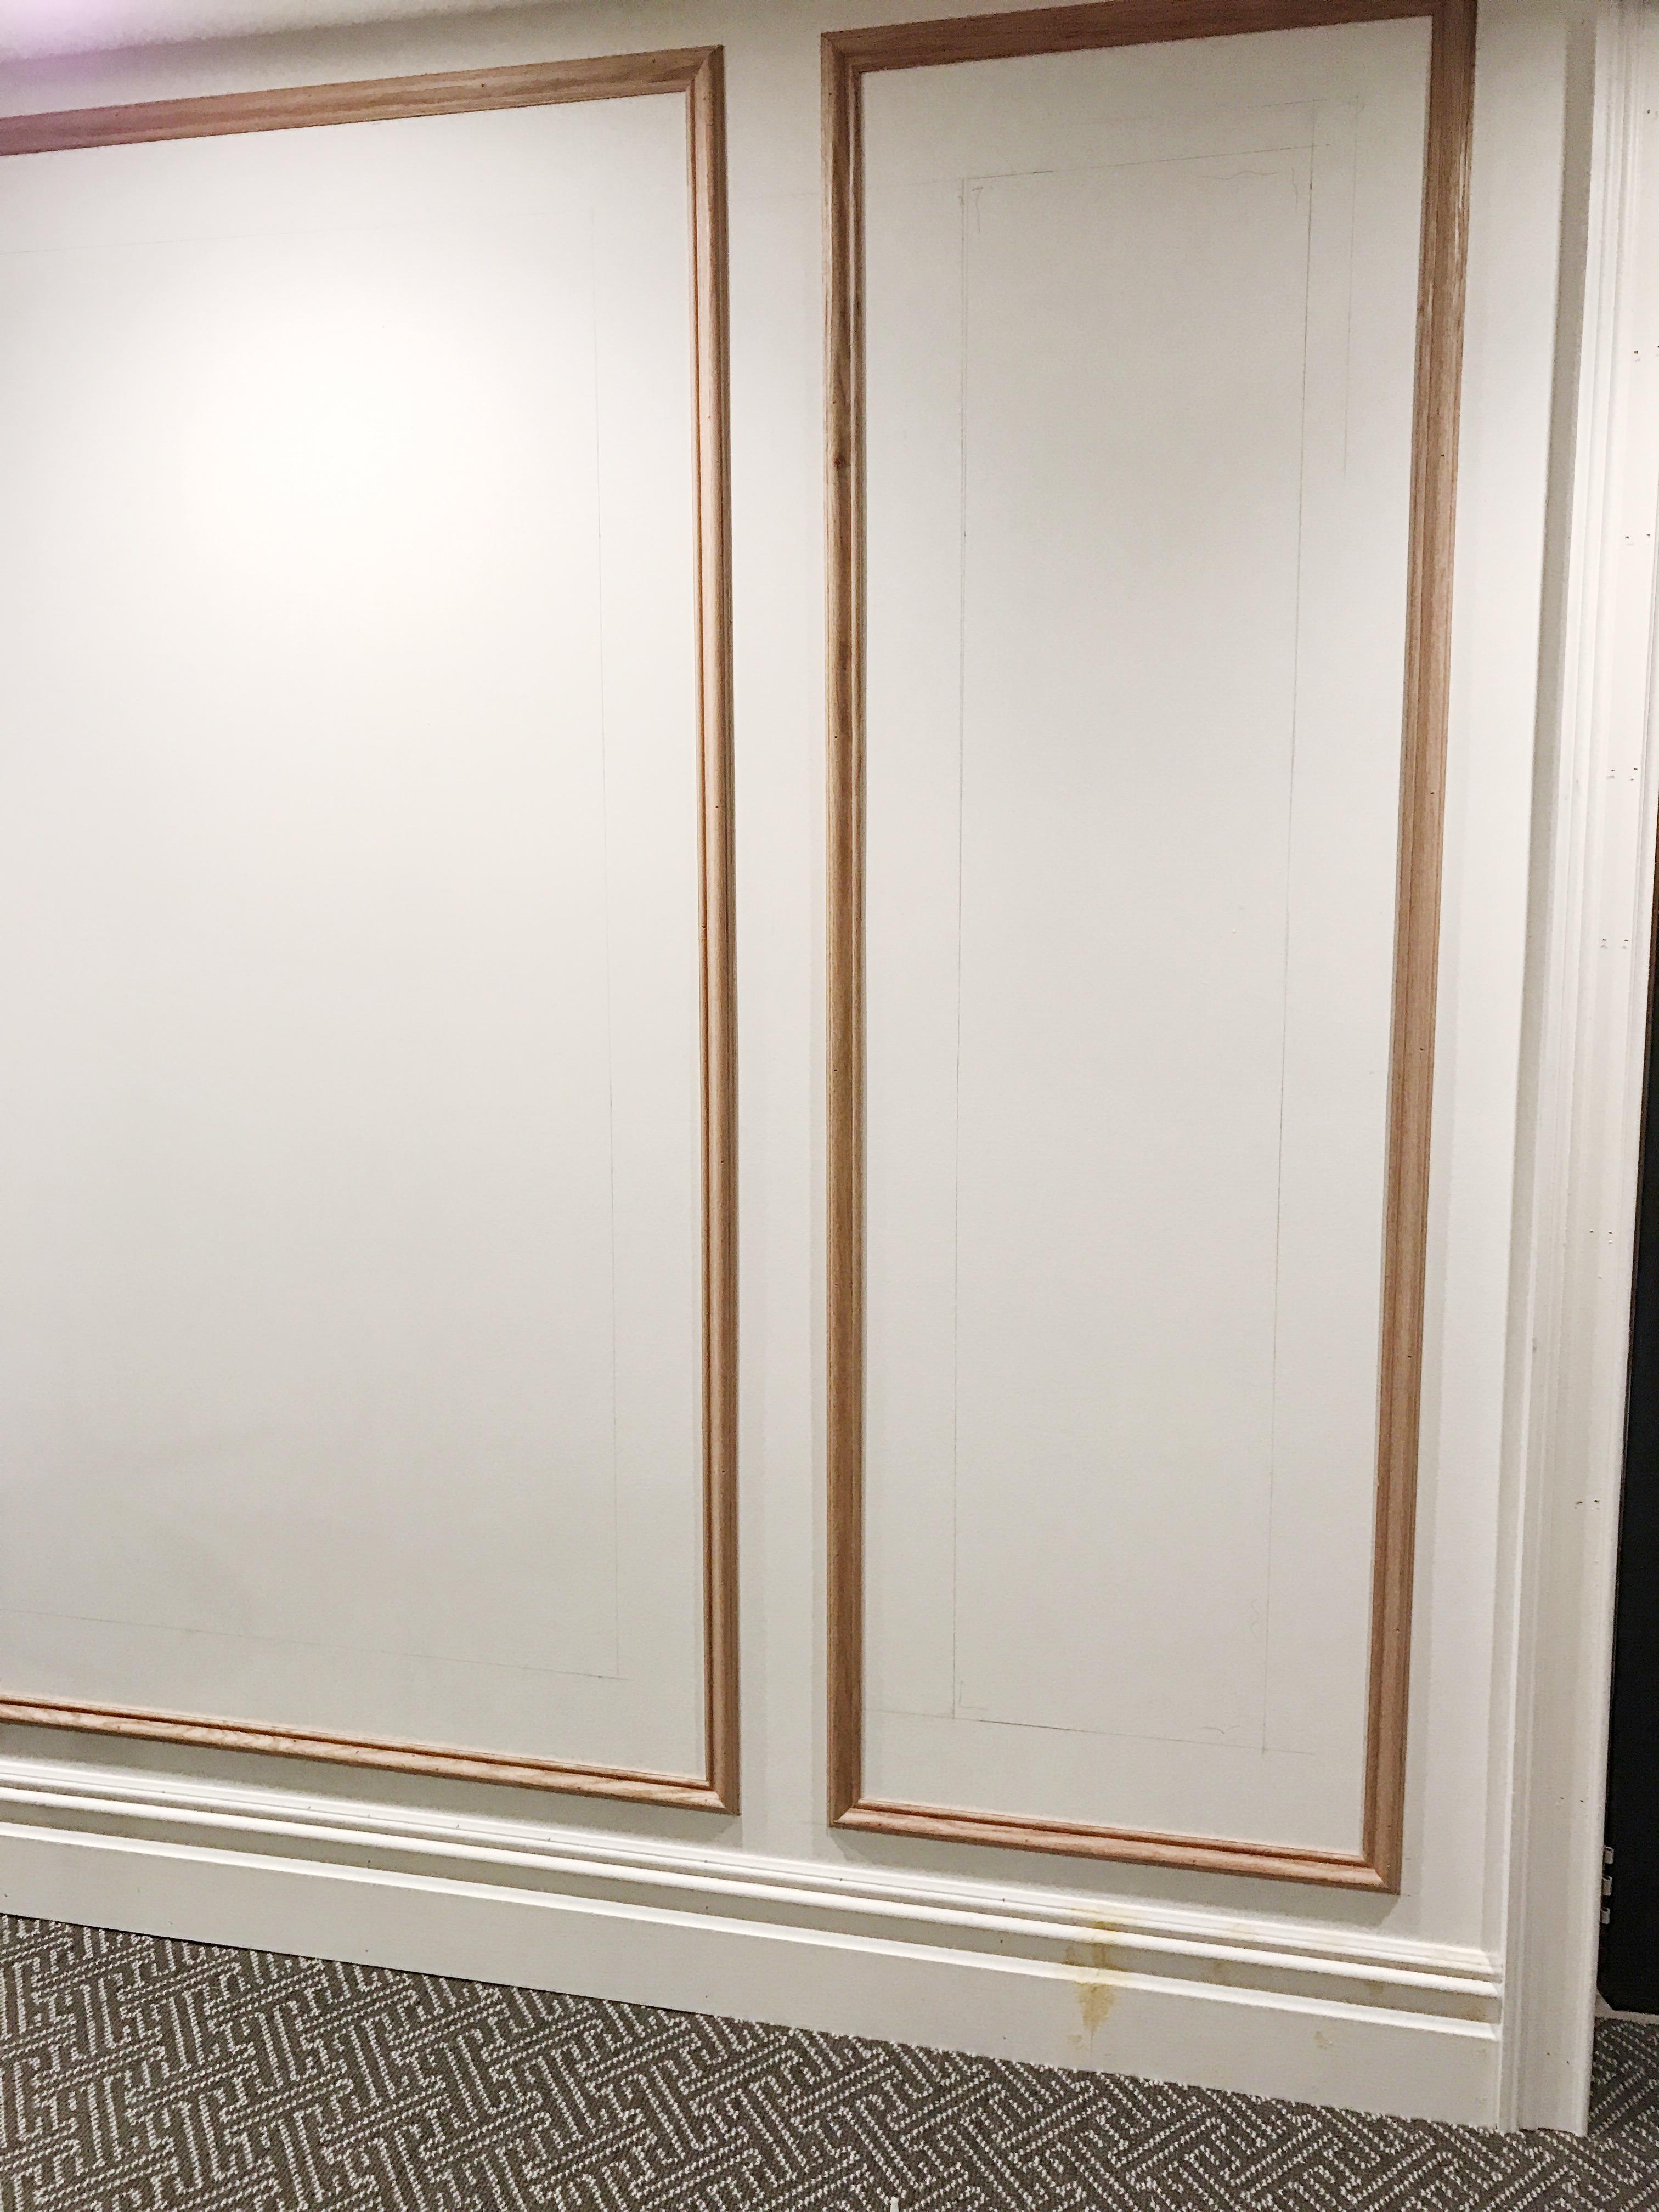 media-room-metrie-panel-moulding